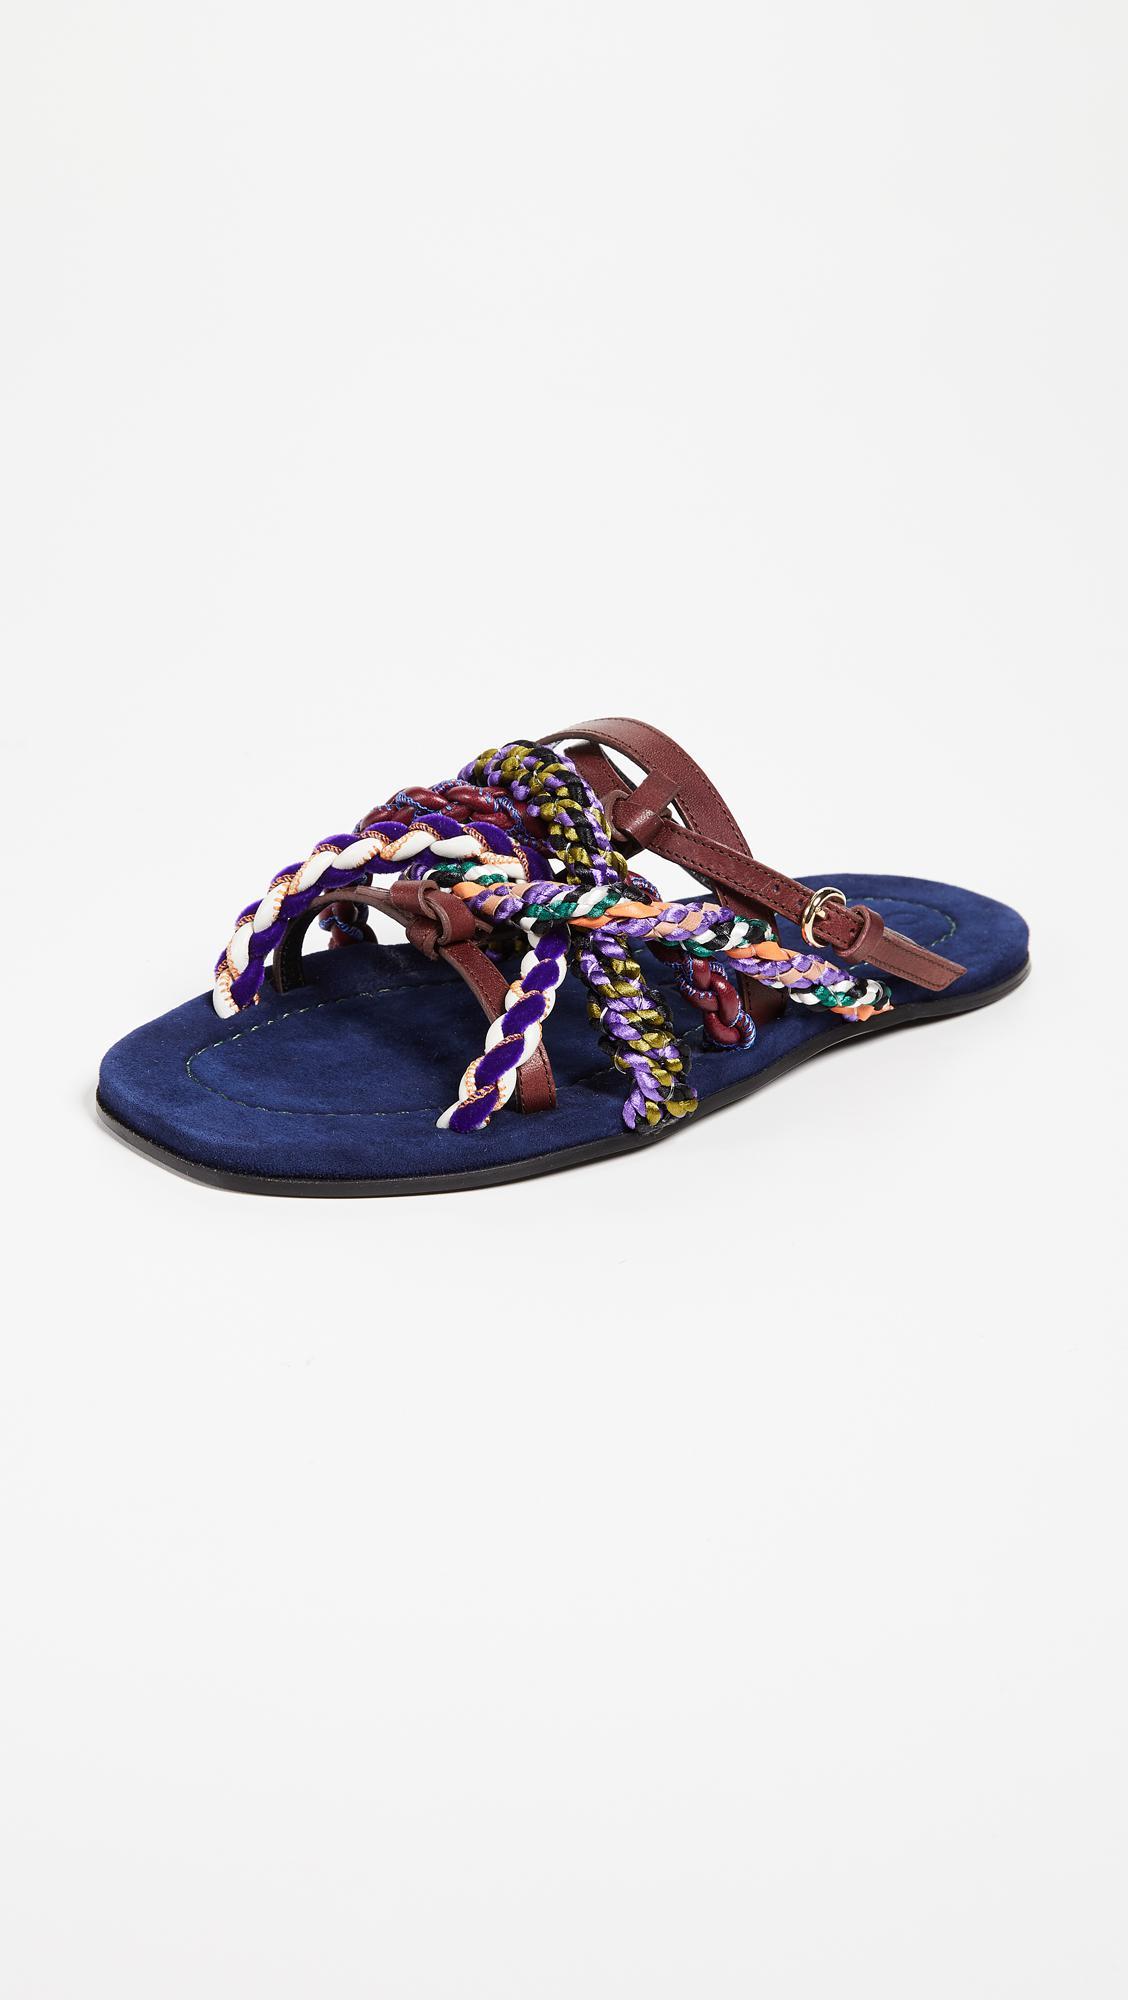 Carven Turenne sandals 4adl0G3Pgg